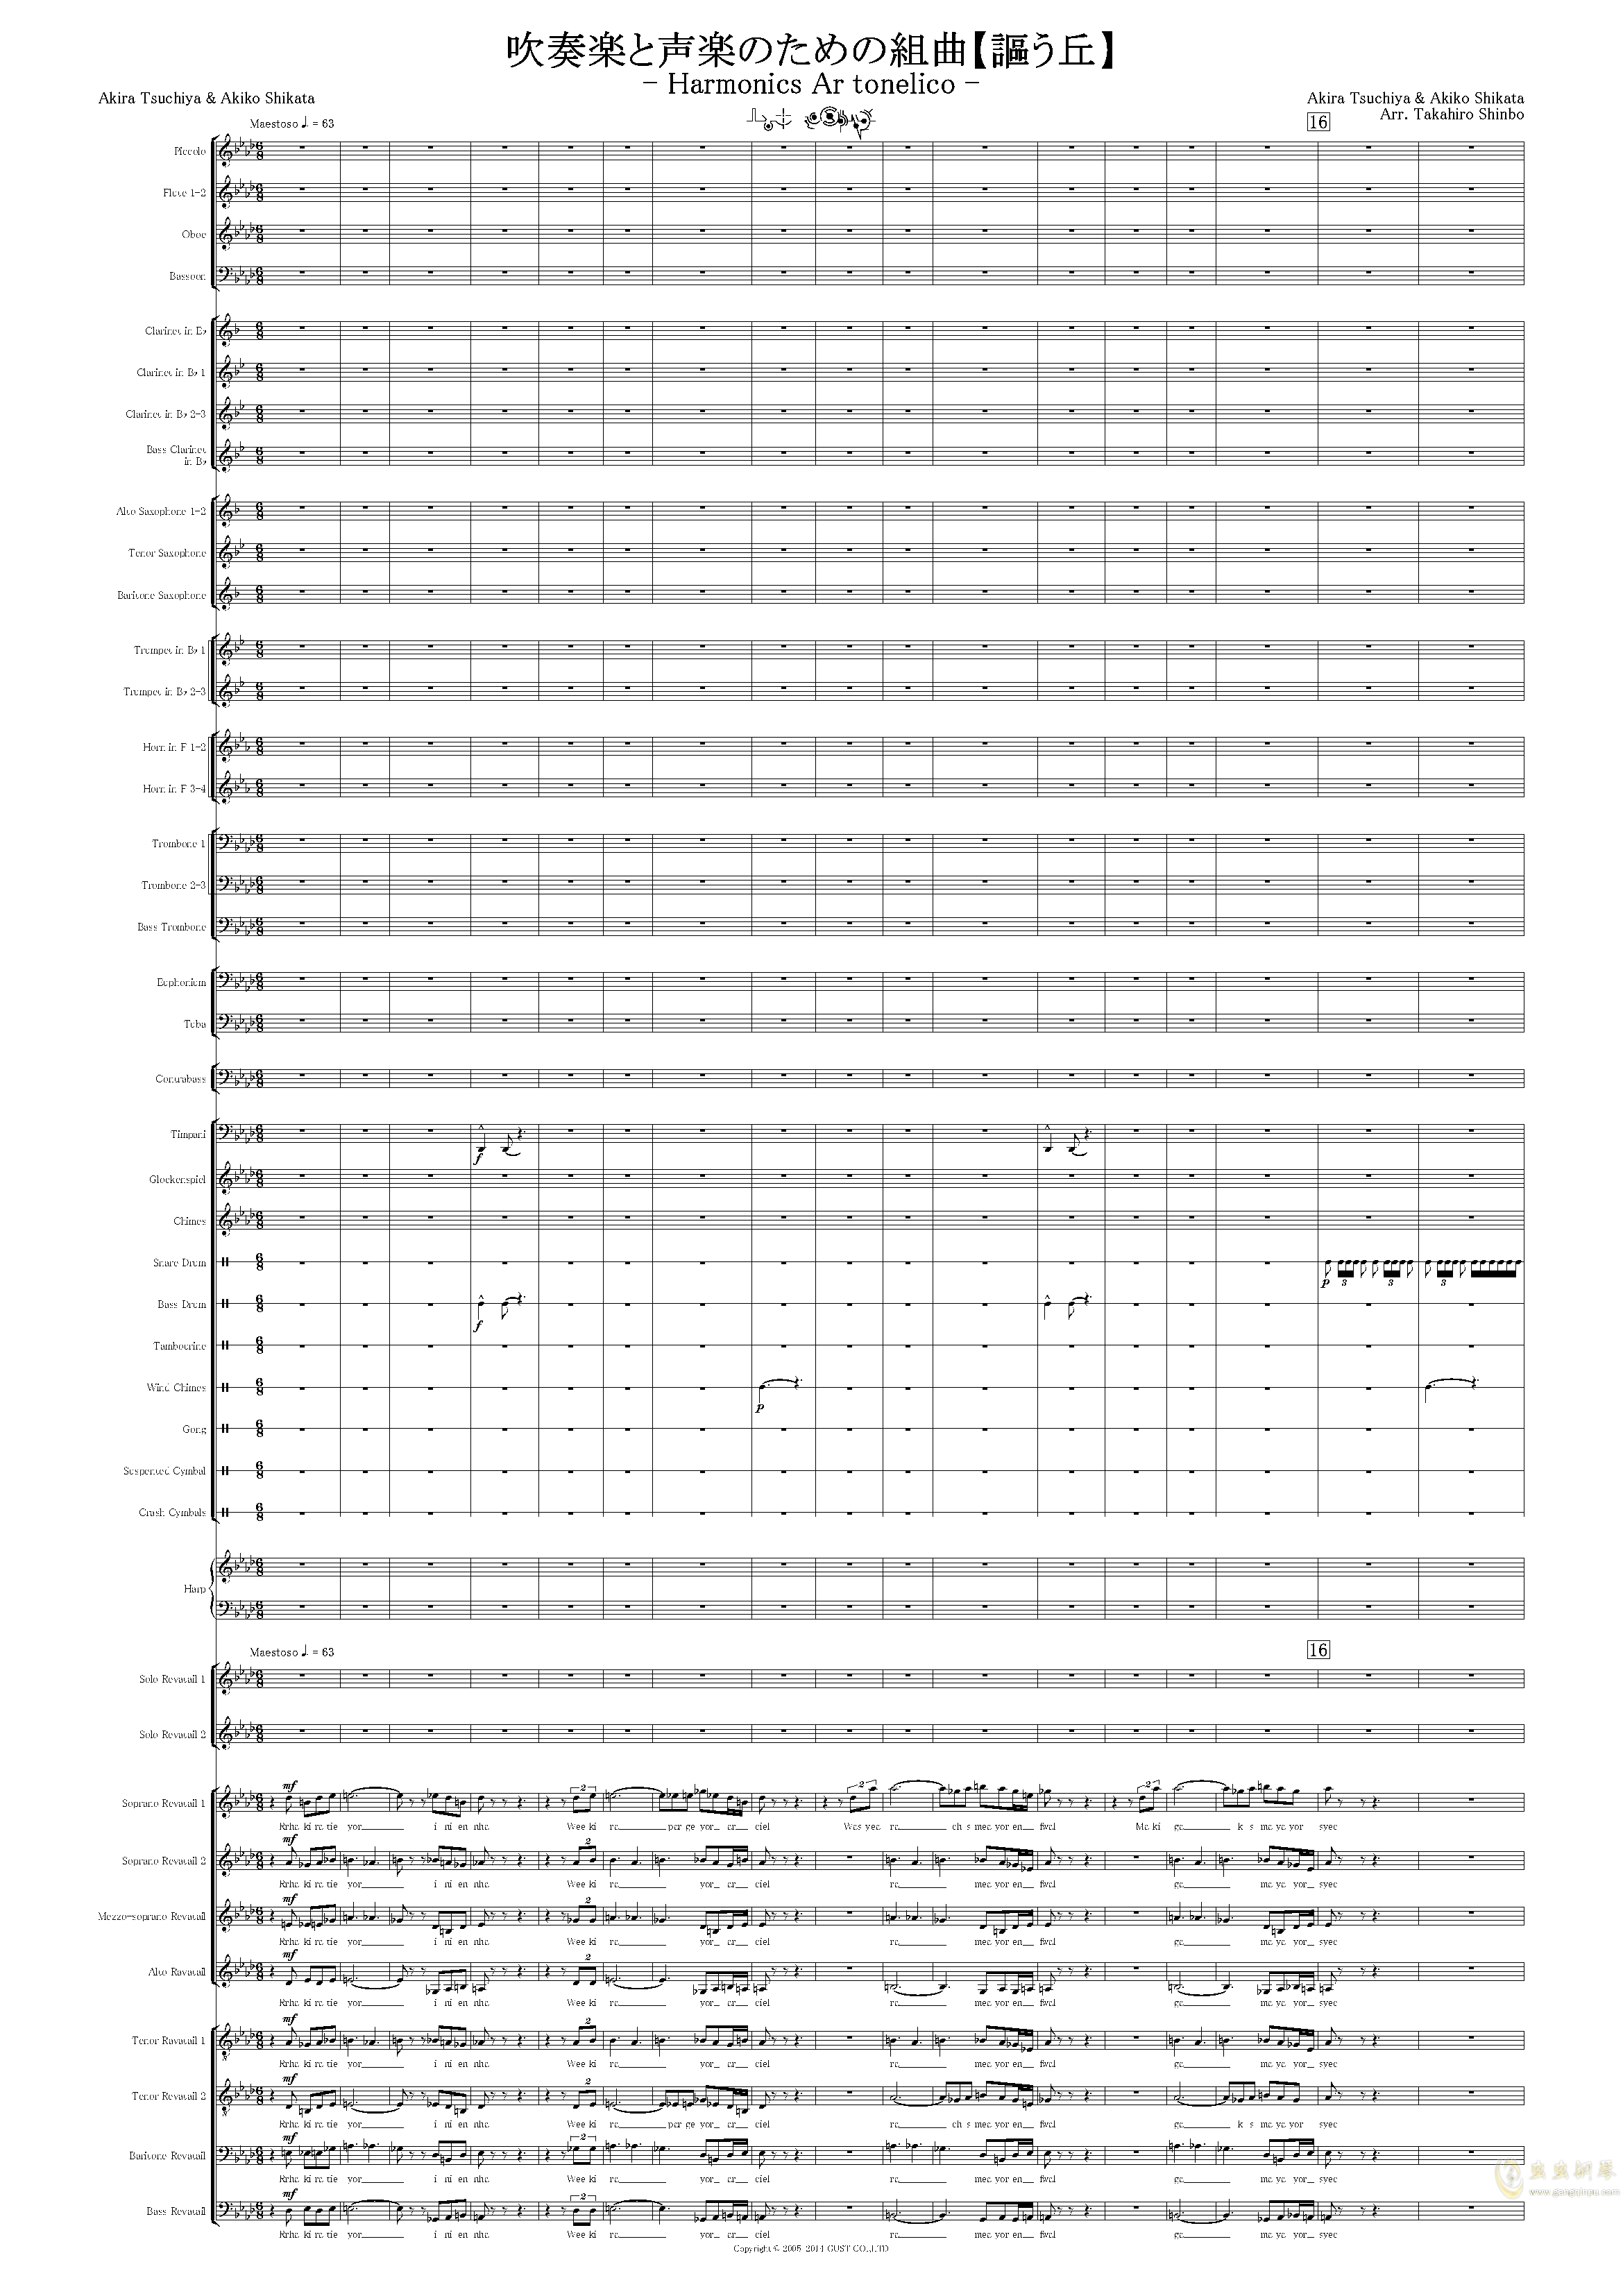 讴う丘~Harmonics EOLIA~澳门星际官网 第1页